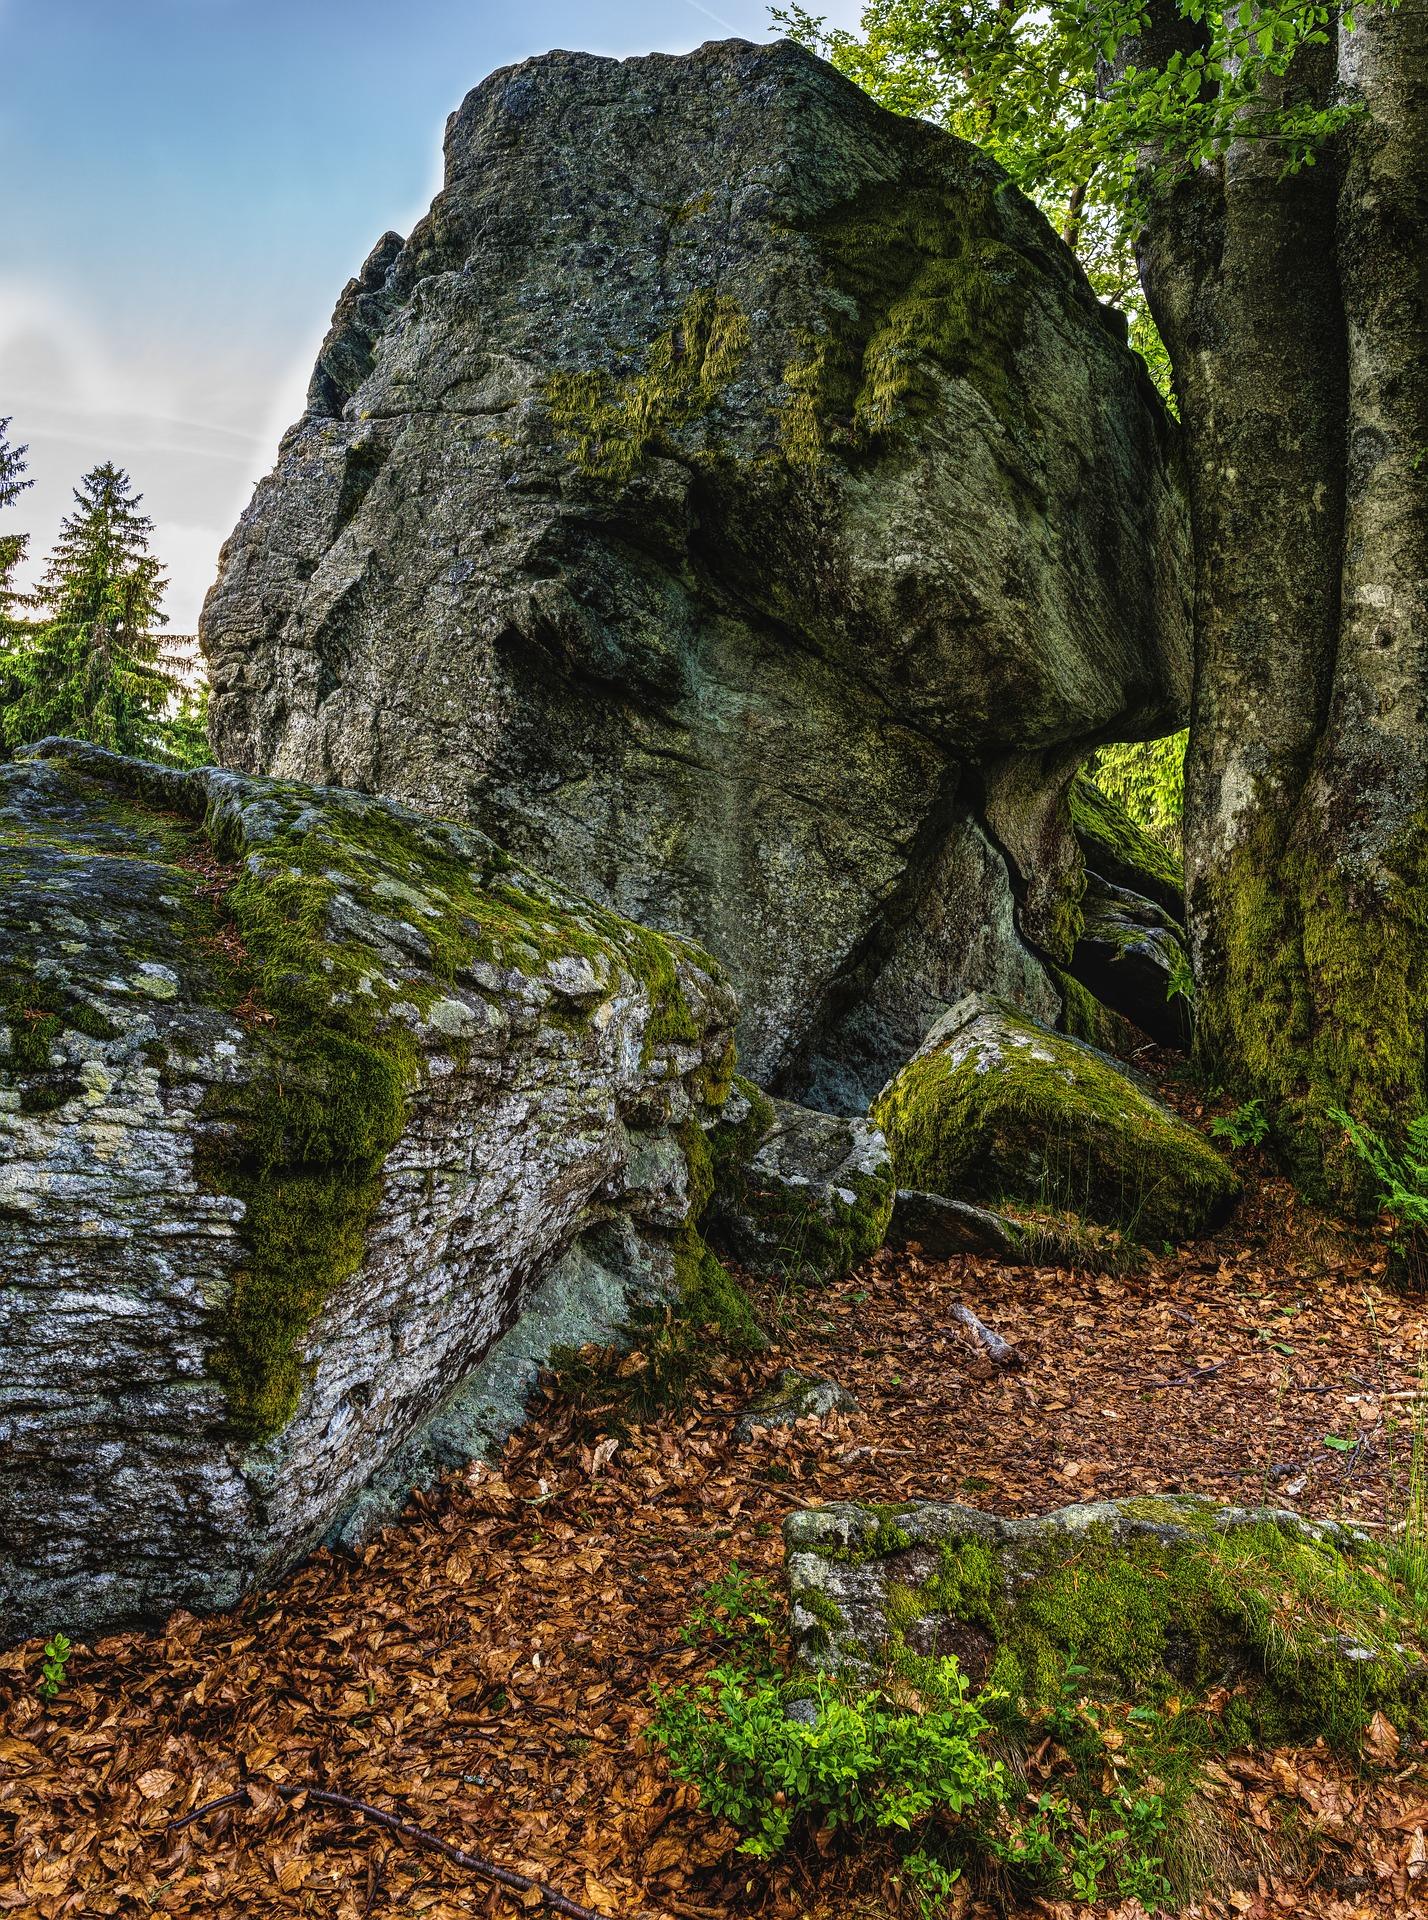 石見銀山の観光おすすめスポット!世界遺産の見所をタップリ紹介!